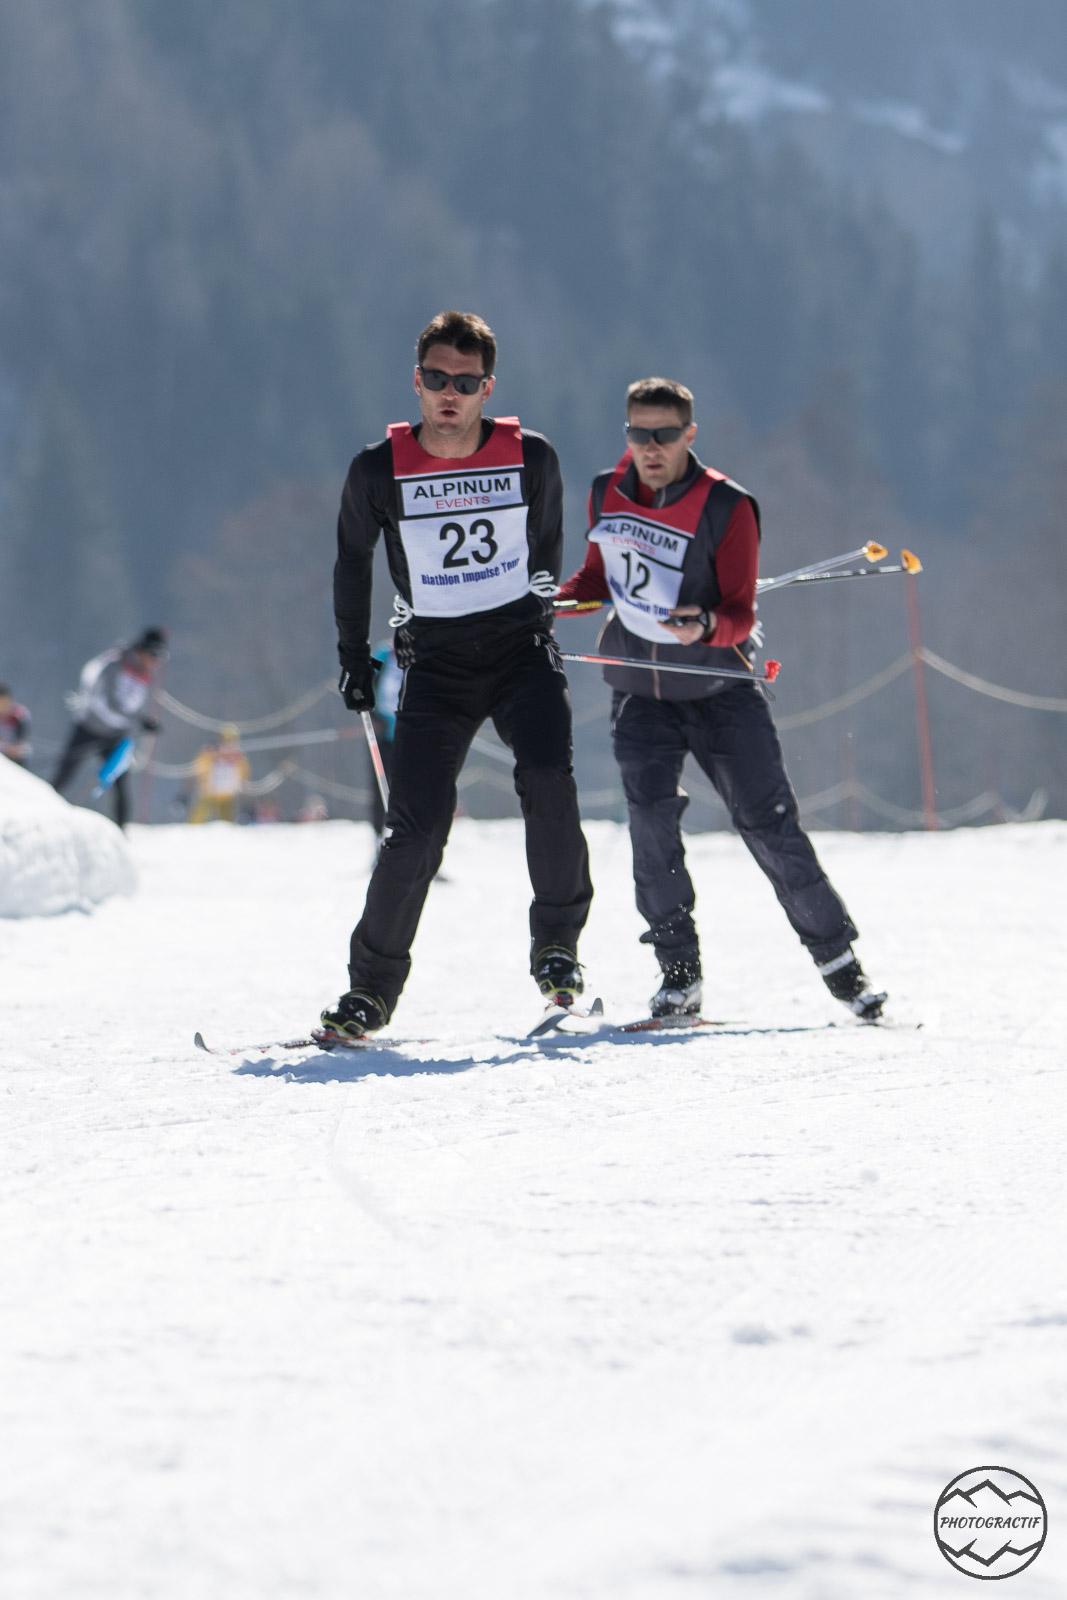 Biathlon Alpinum Les Contamines 2019 (11)